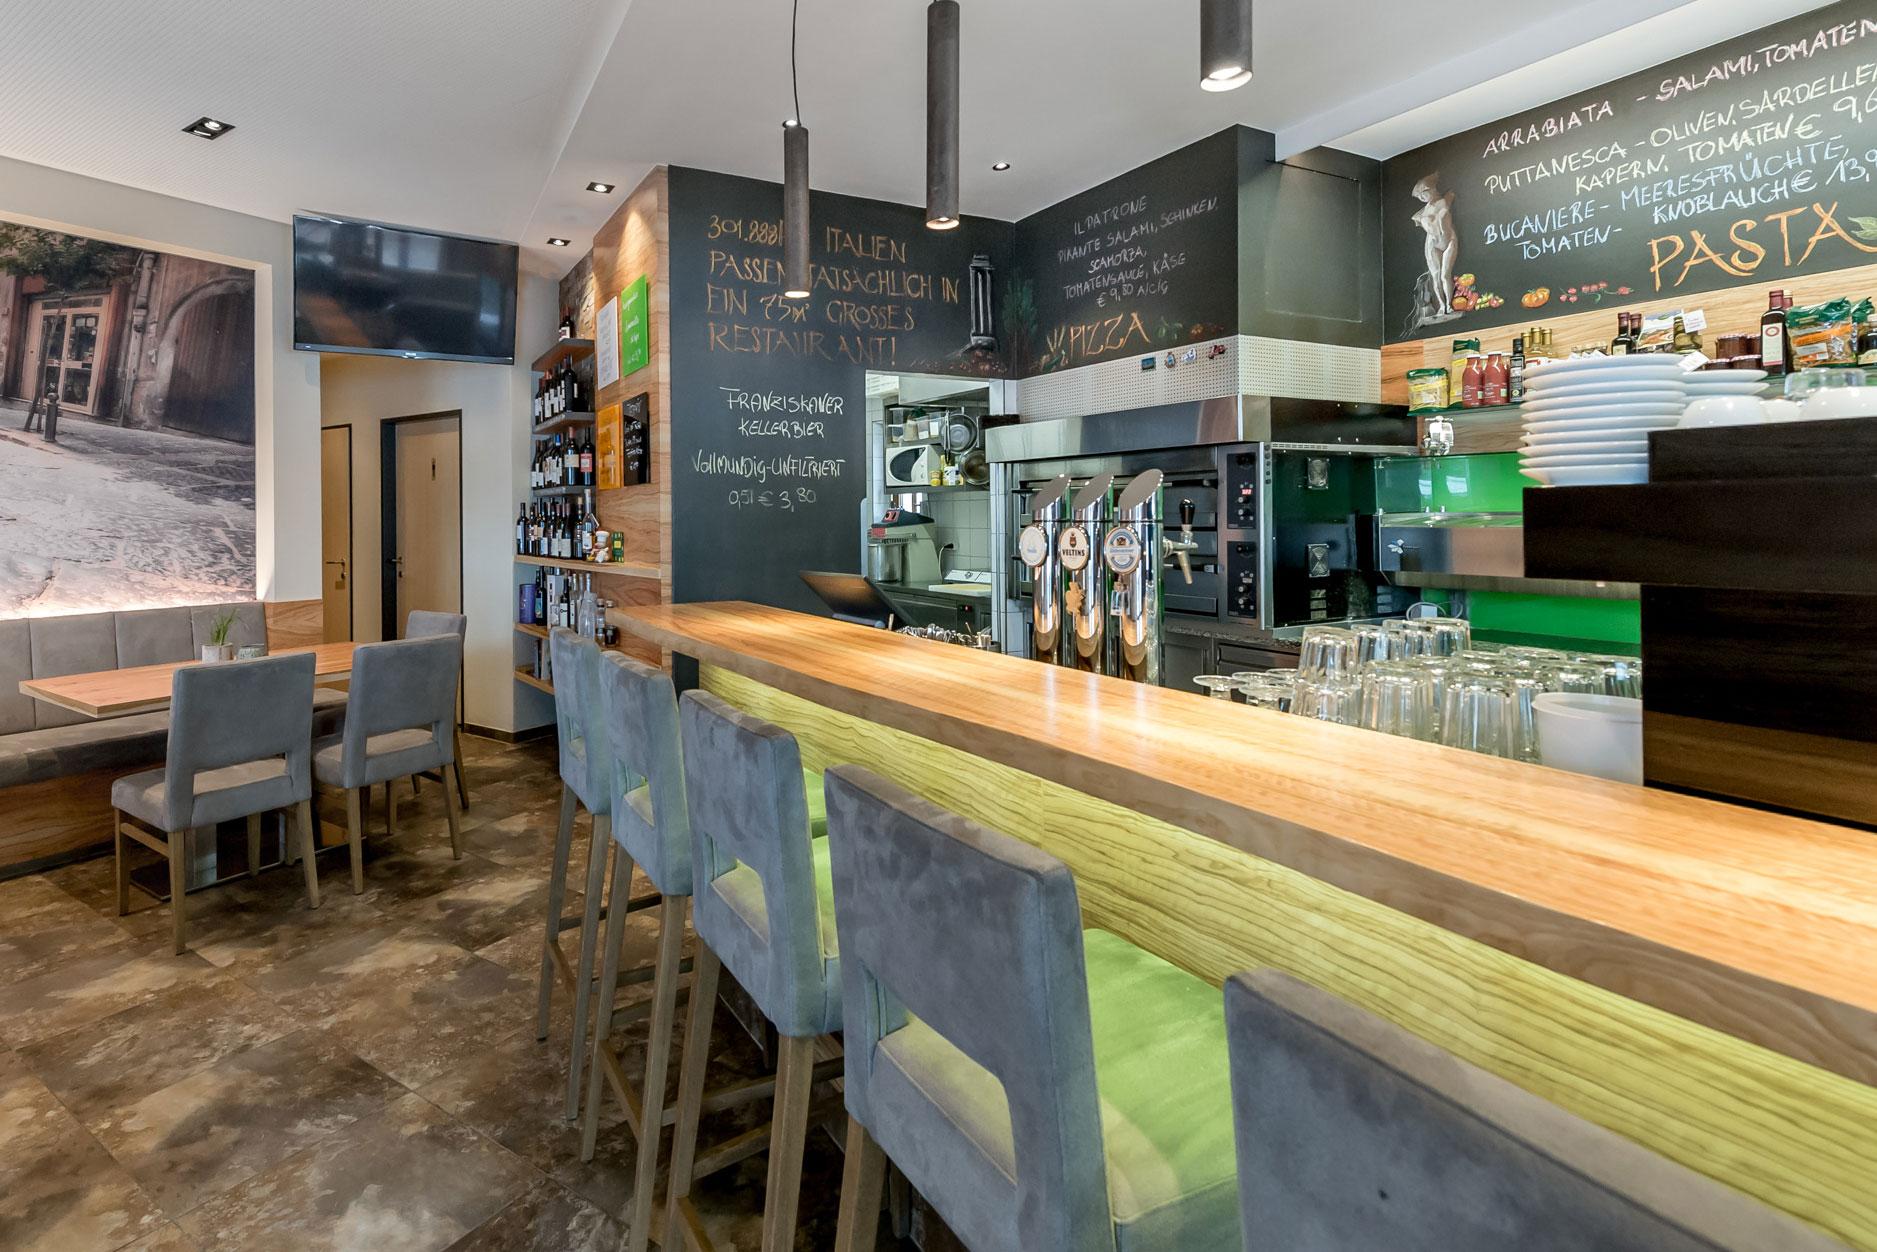 Bar mit Hockern, Zapfsäulen, Pizzaofen und Lebensmitteln